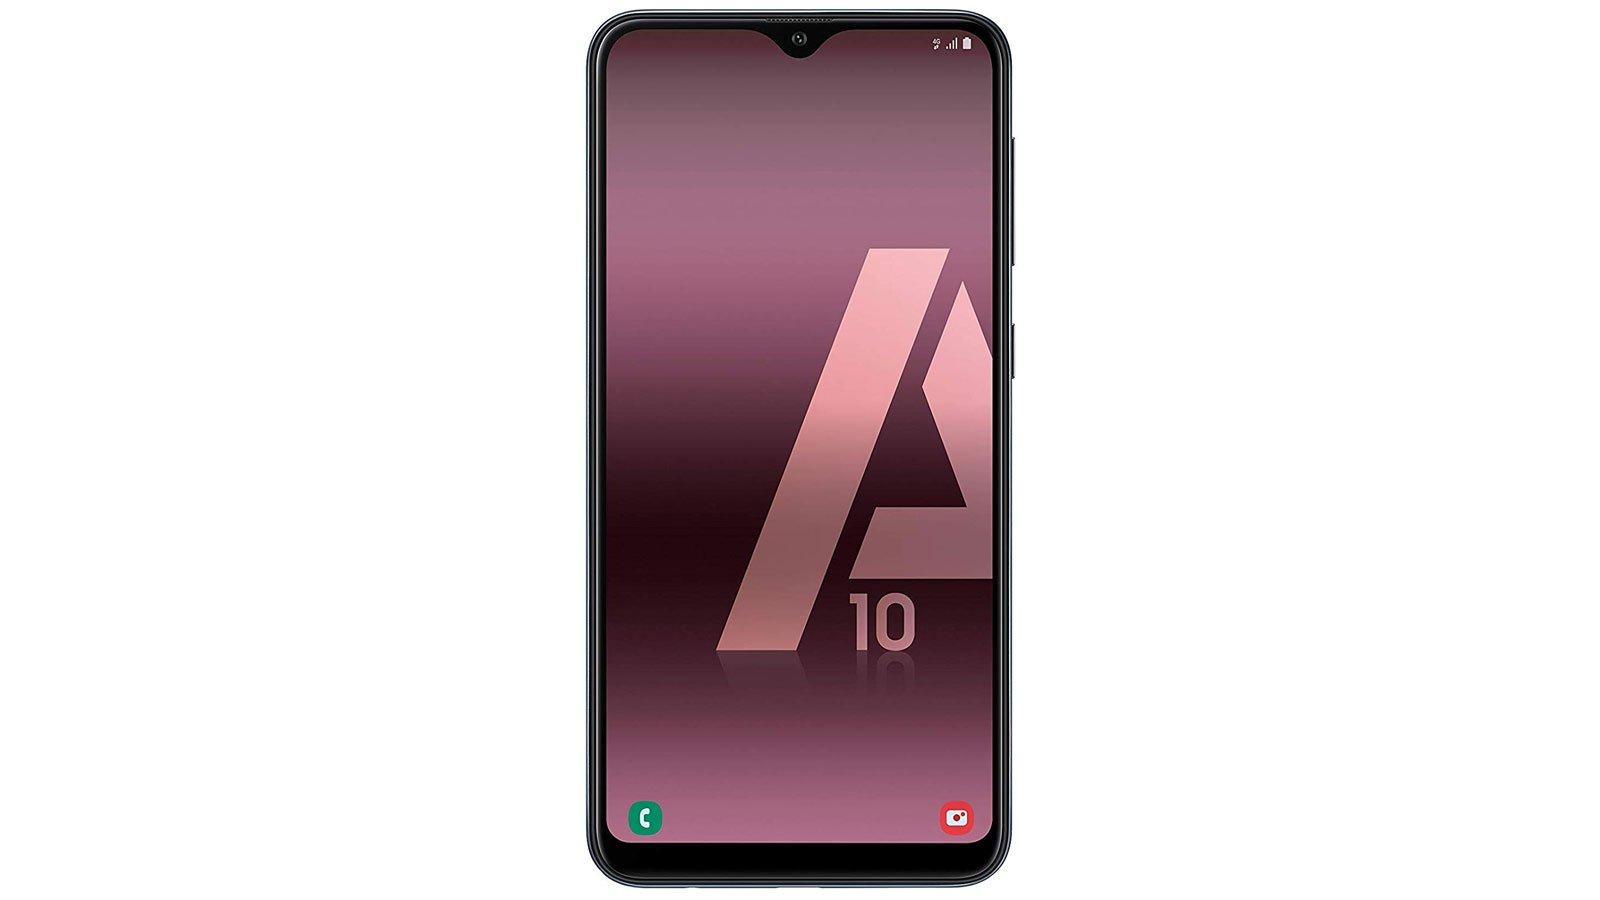 Et le smartphone Android le plus vendu en 2019 est... le Samsung Galaxy A10 !